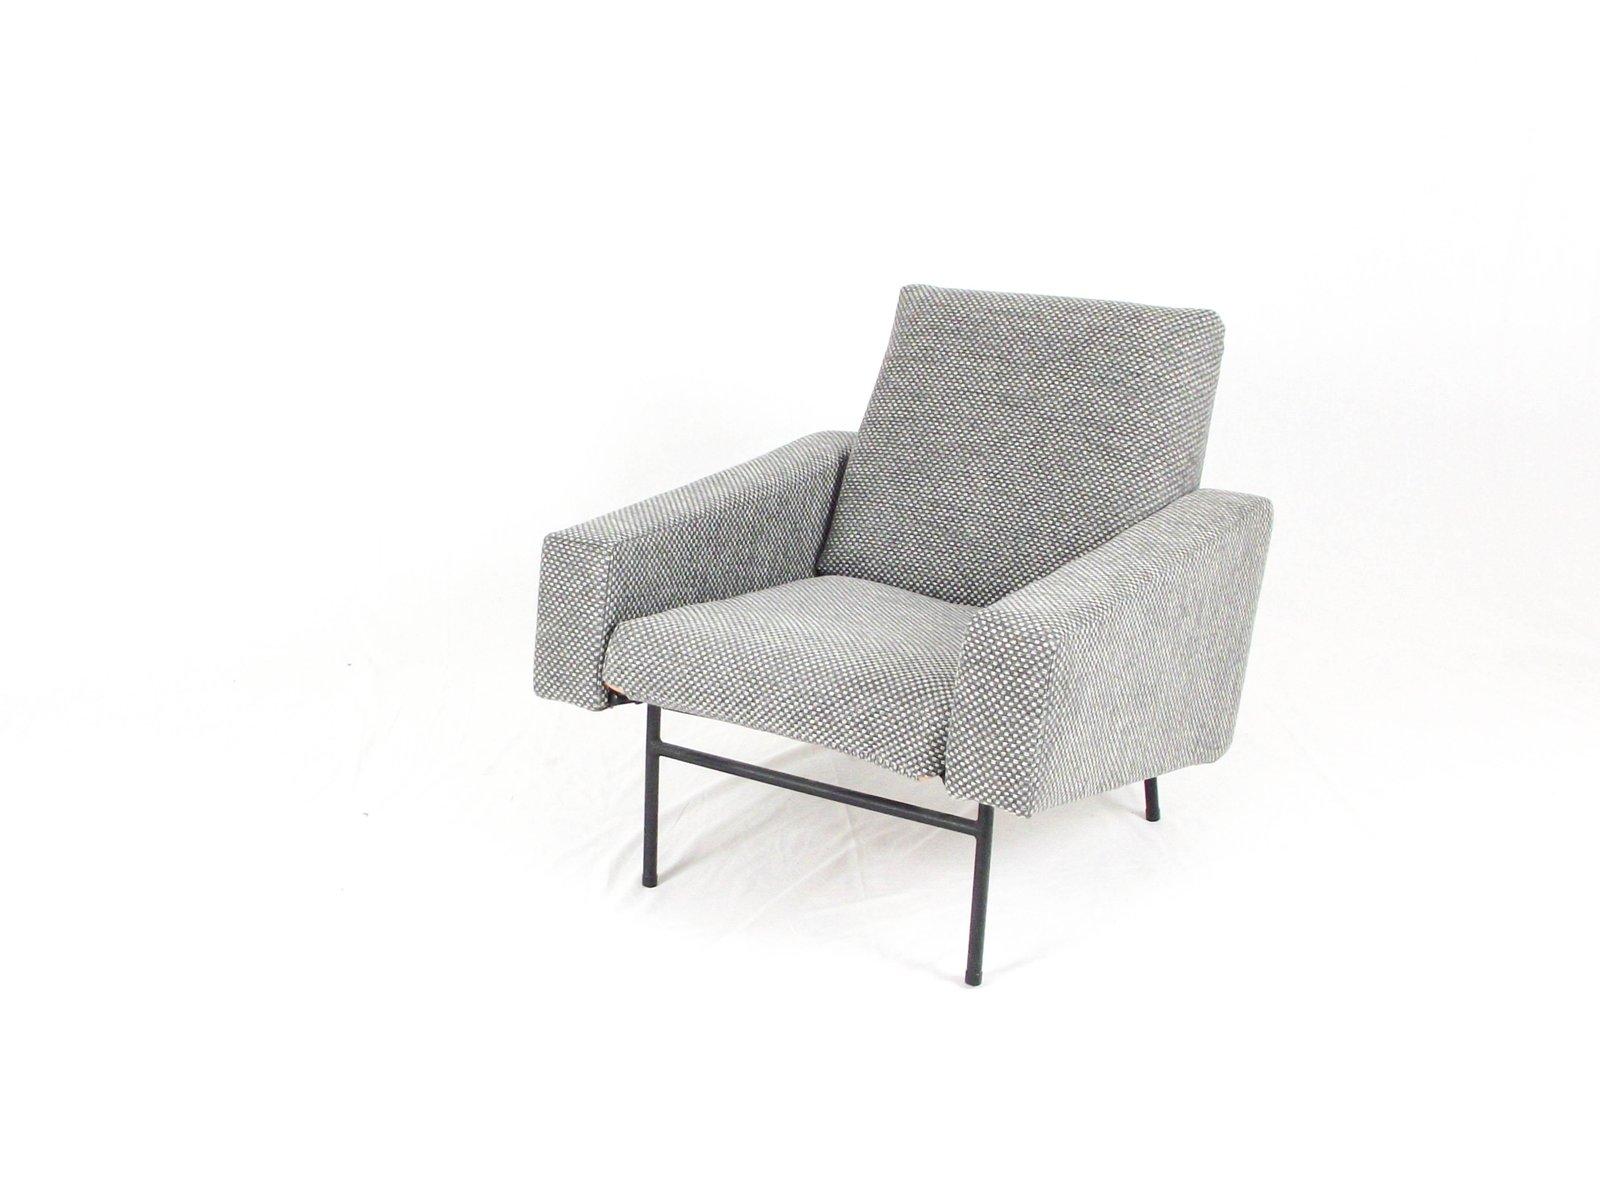 G10 Sessel von Pierre Guariche für Airborne, 1950er